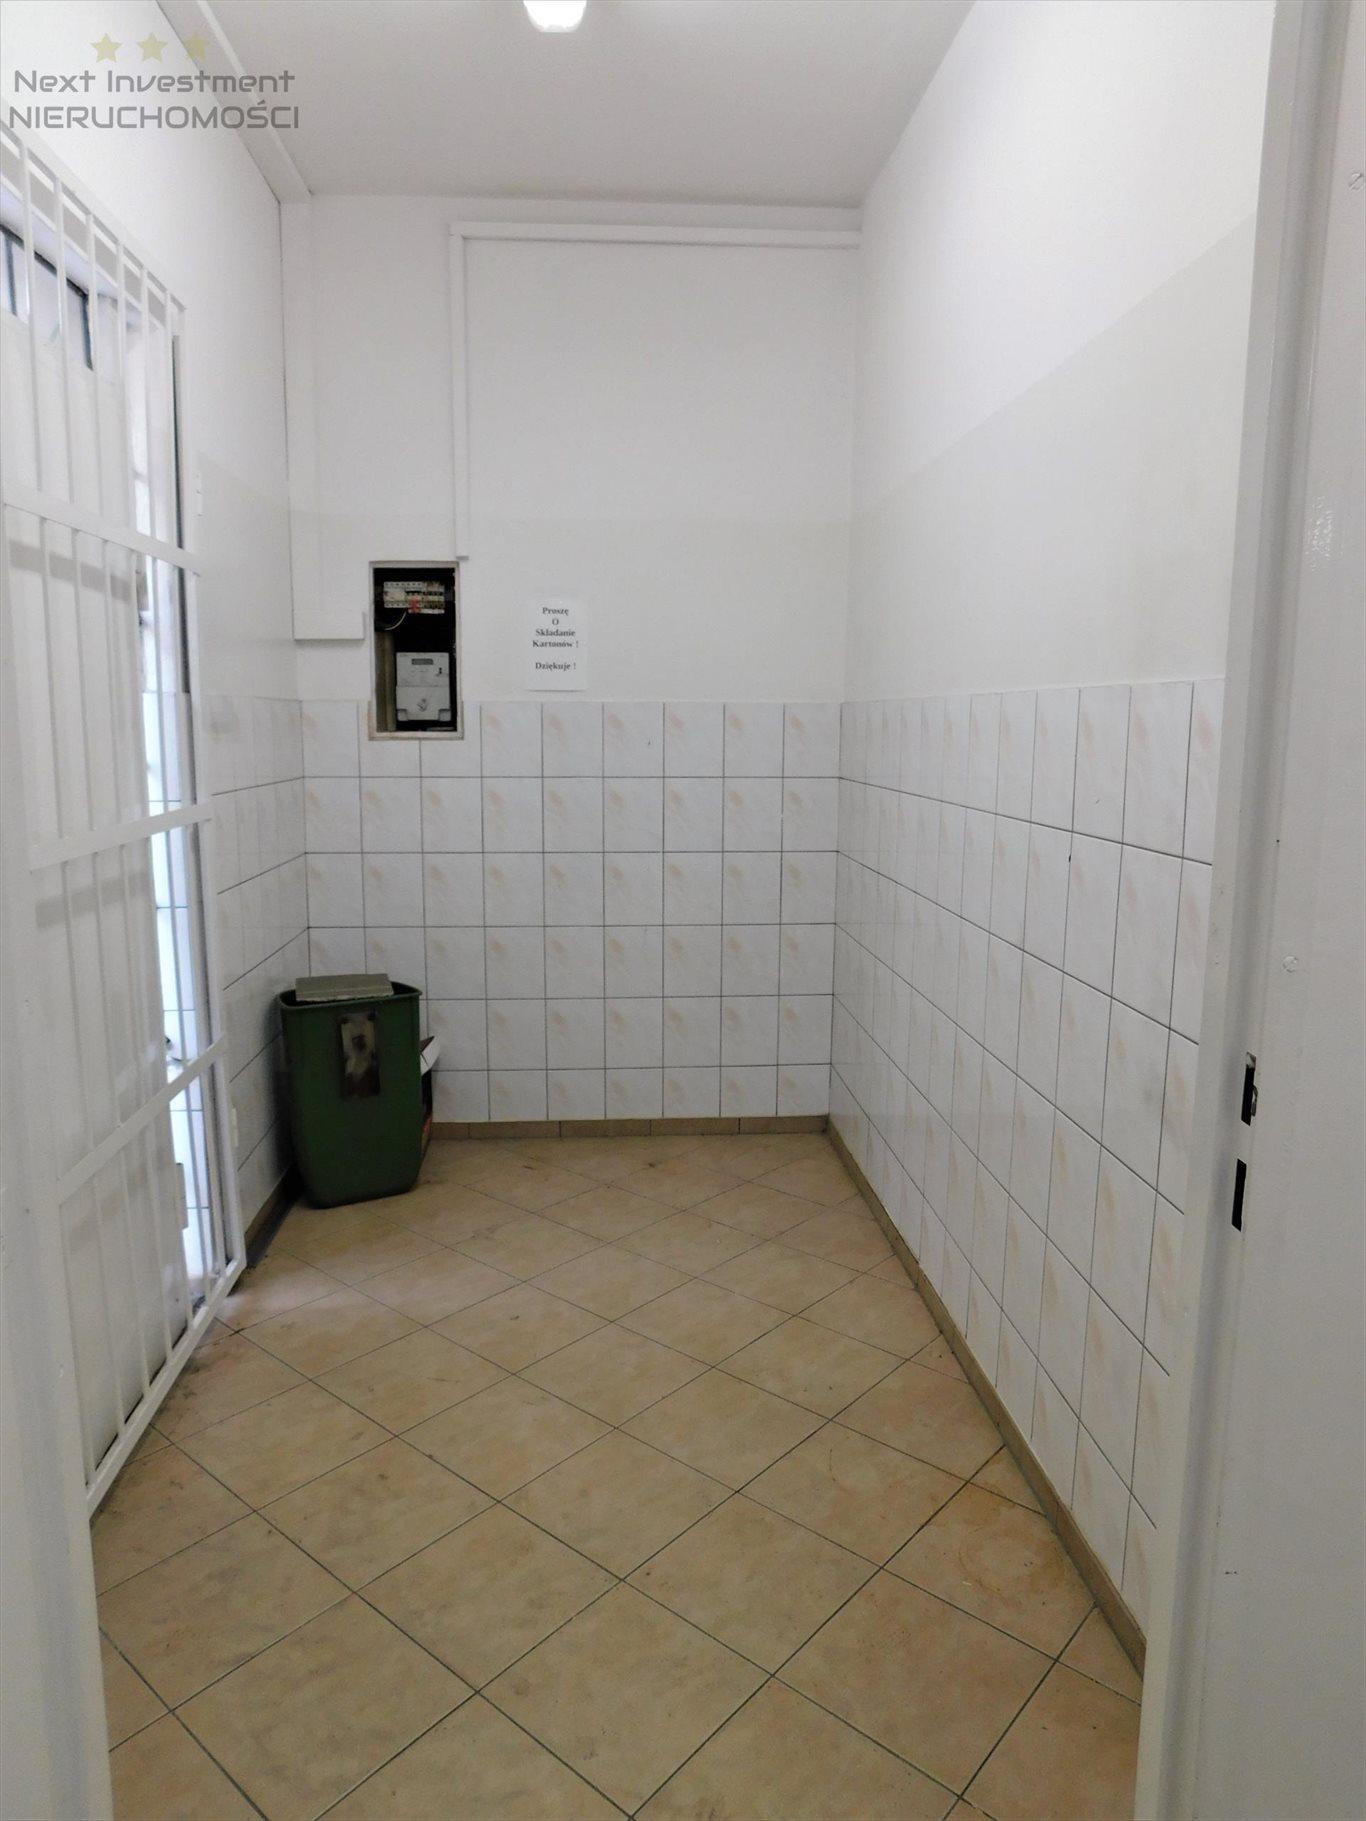 Lokal użytkowy na wynajem Gliwice, Kozielska  60m2 Foto 4